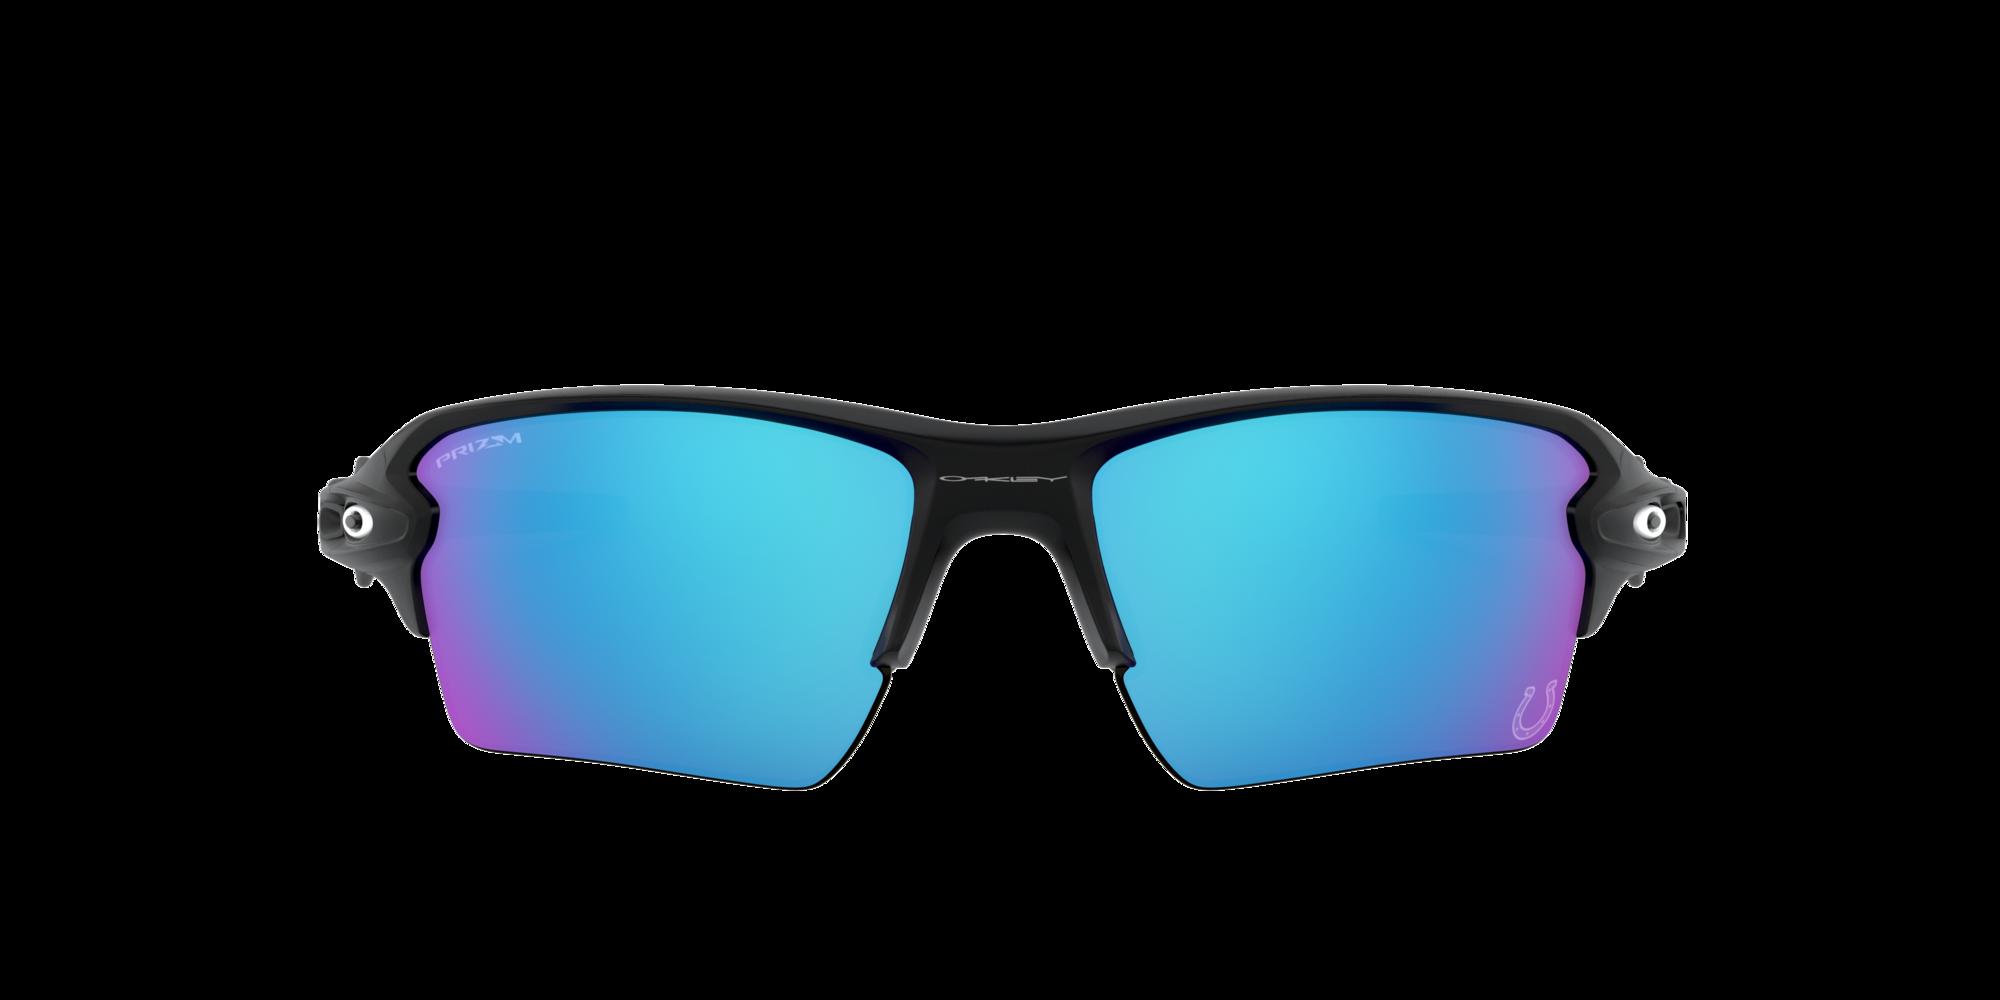 Imagen para OO9188 59 FLAK 2.0 XL de LensCrafters |  Espejuelos, espejuelos graduados en línea, gafas